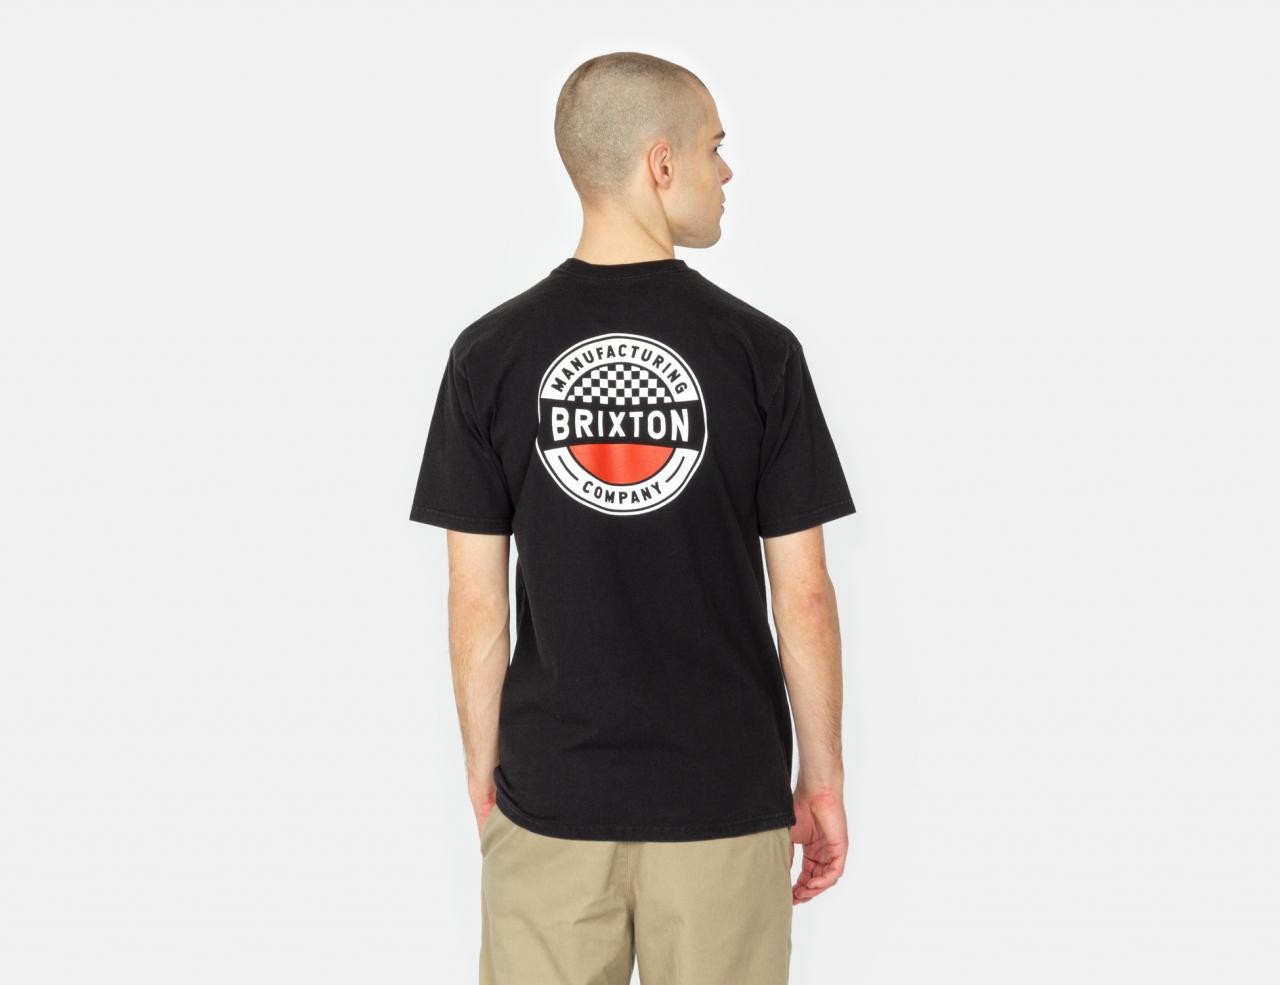 Brixton Terminal T-Shirt - Worn Wash Black